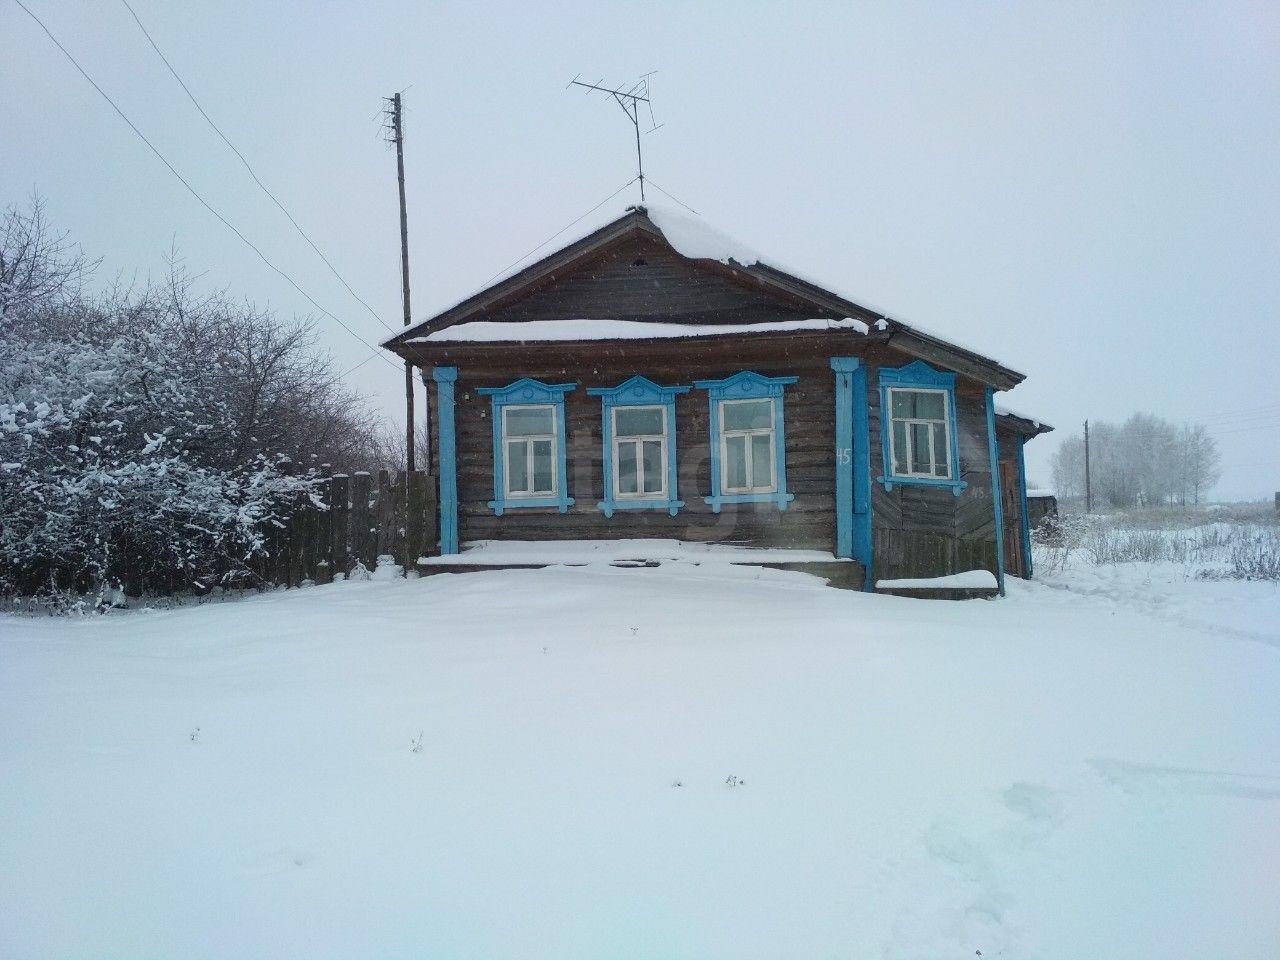 Малый Санчур, Центральная, дом  с участком 41 cот на продажу